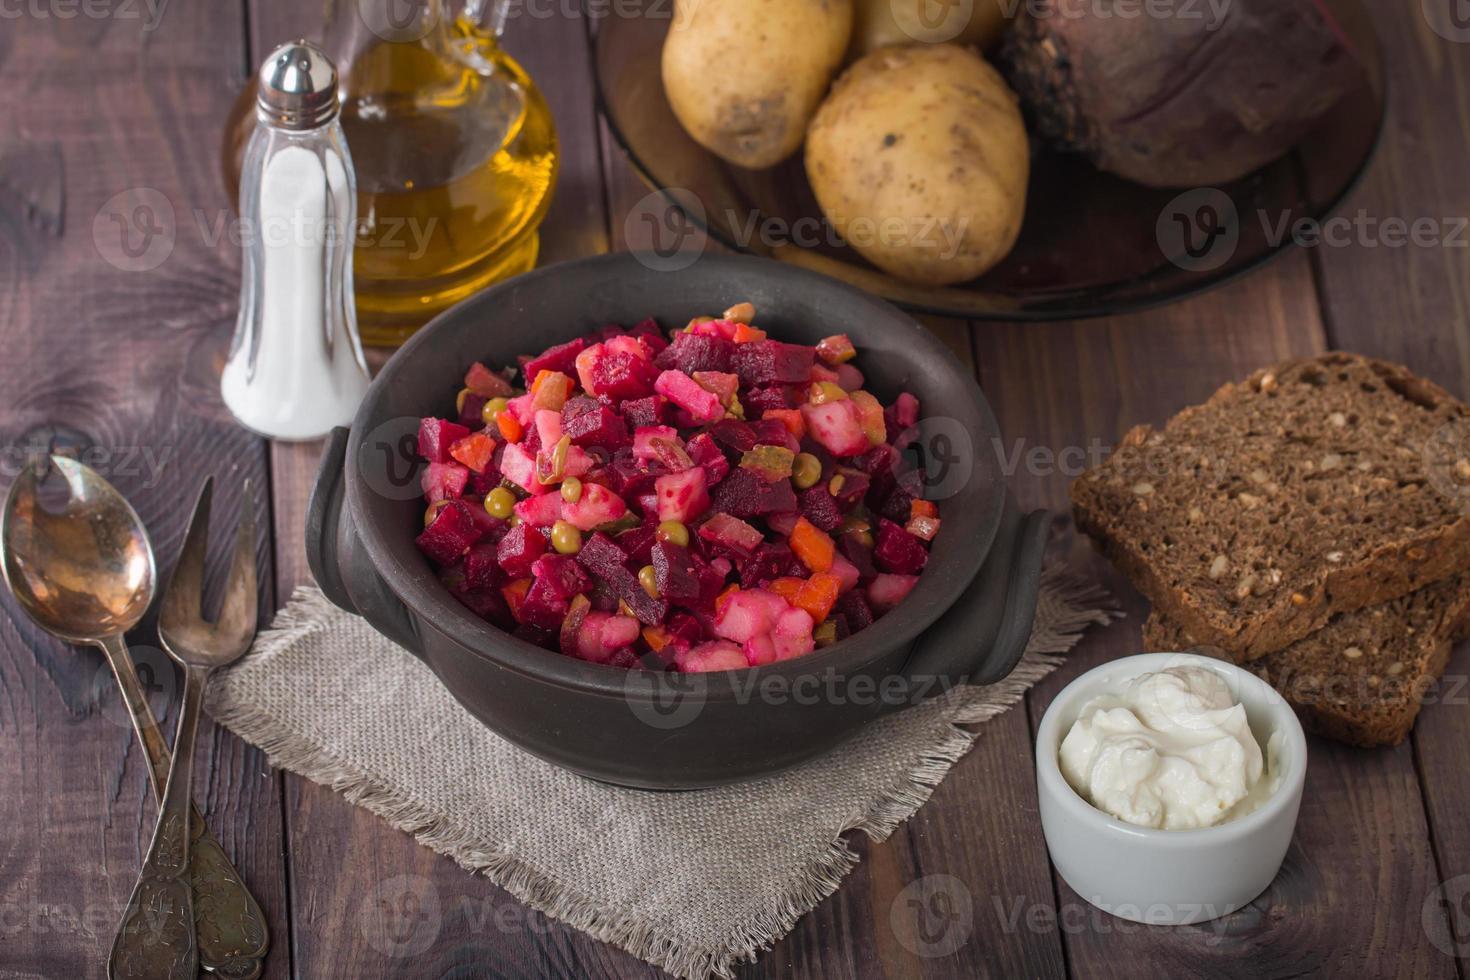 vinagreta de ensalada de remolacha en un recipiente de arcilla foto